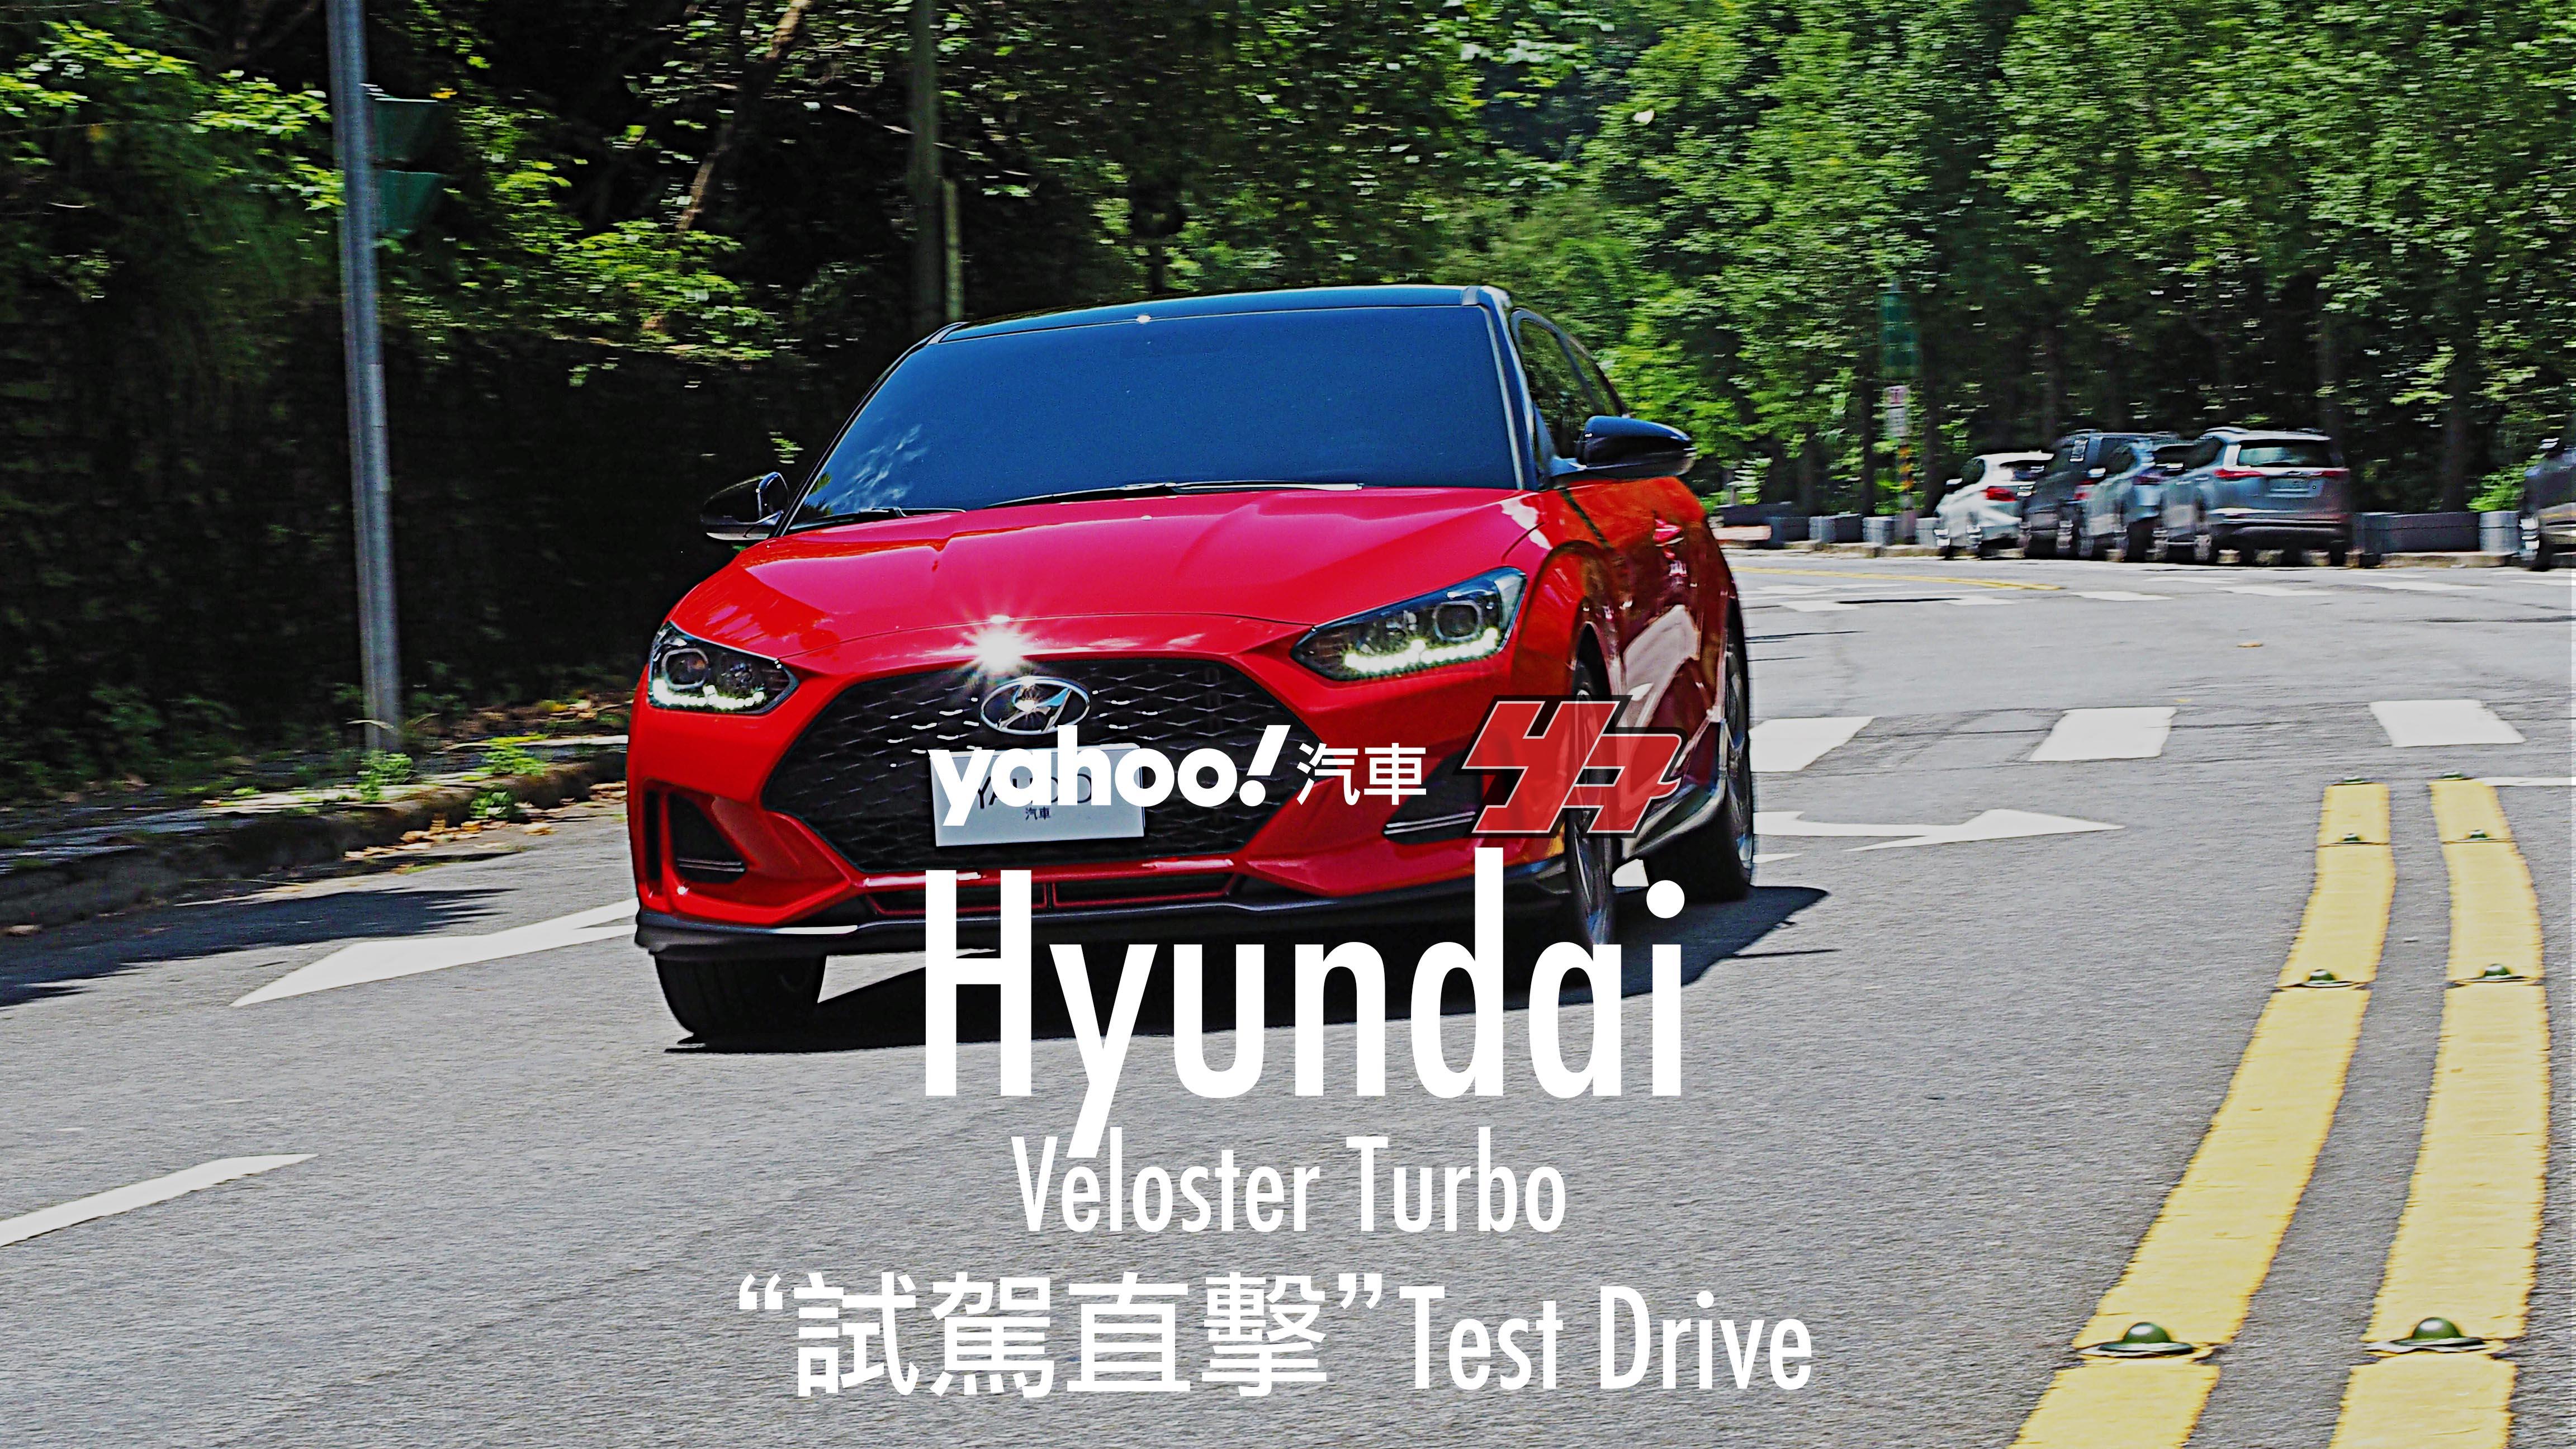 【試駕直擊】植入鋼砲基因的前驅小惡獸!2019 Hyundai Veloster Turbo山道試駕